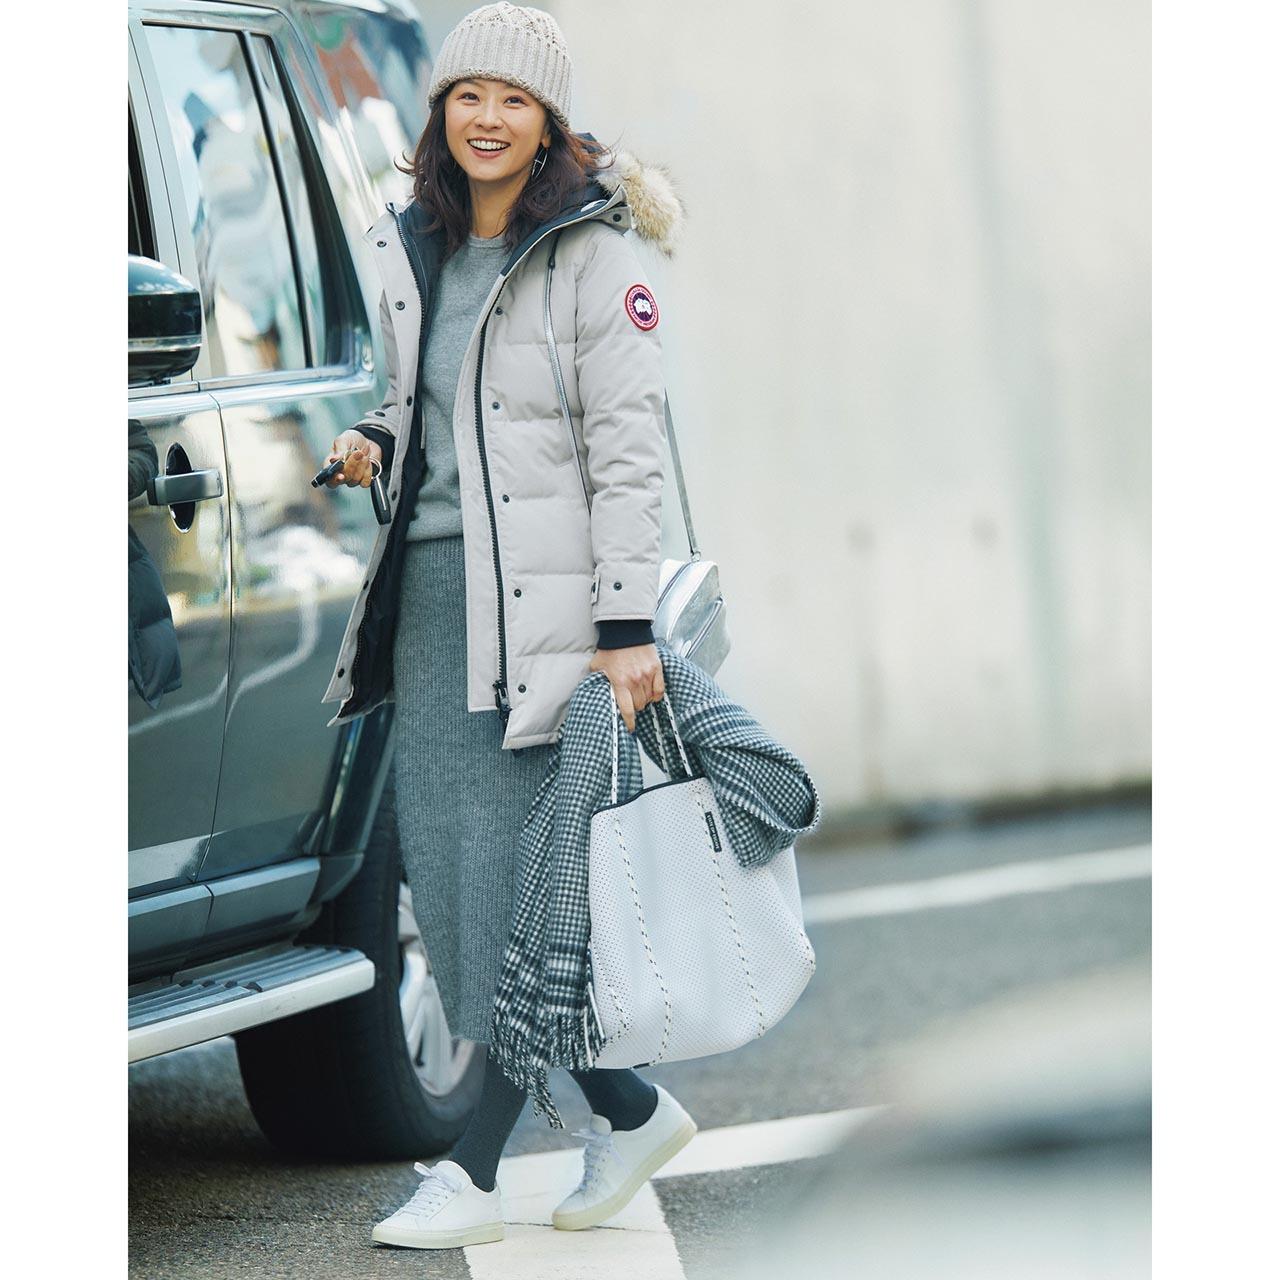 ダウンコート×ニットスカートコーデを着たモデルの五明祐子さん